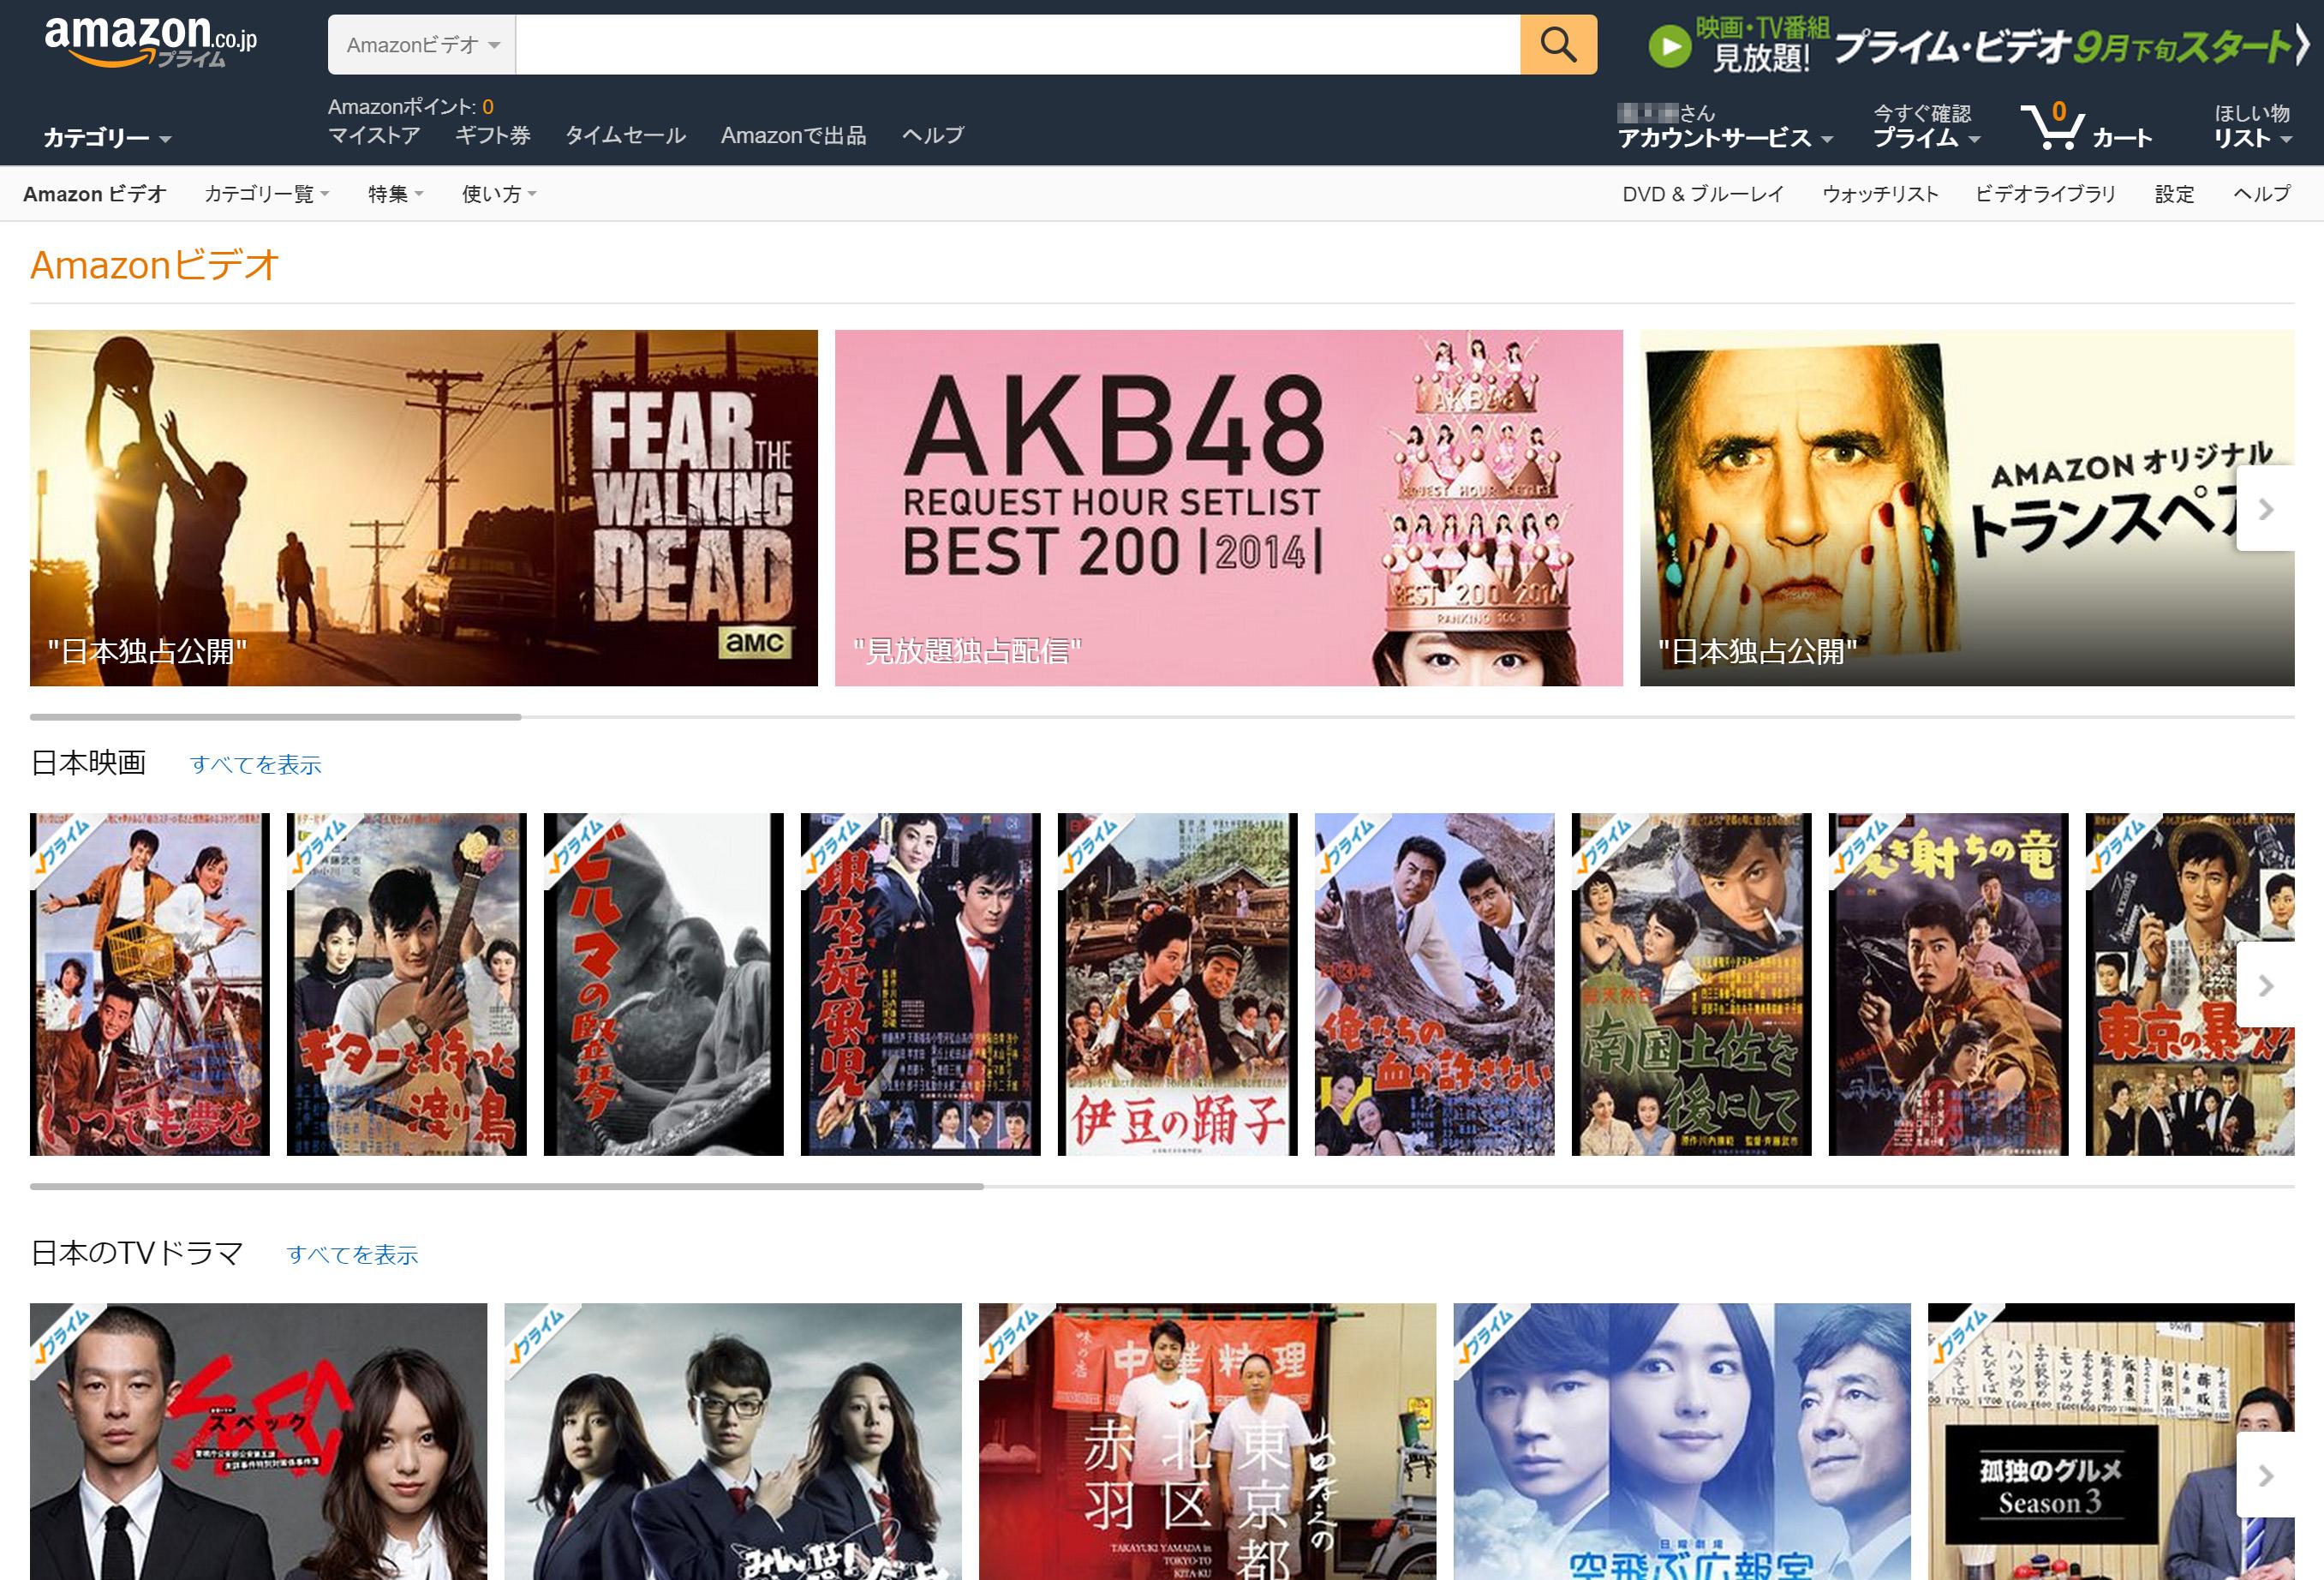 速報:Amazonプライム会員向け動画見放題『プライム・ビデオ』サービスがスタート , Engadget 日本版